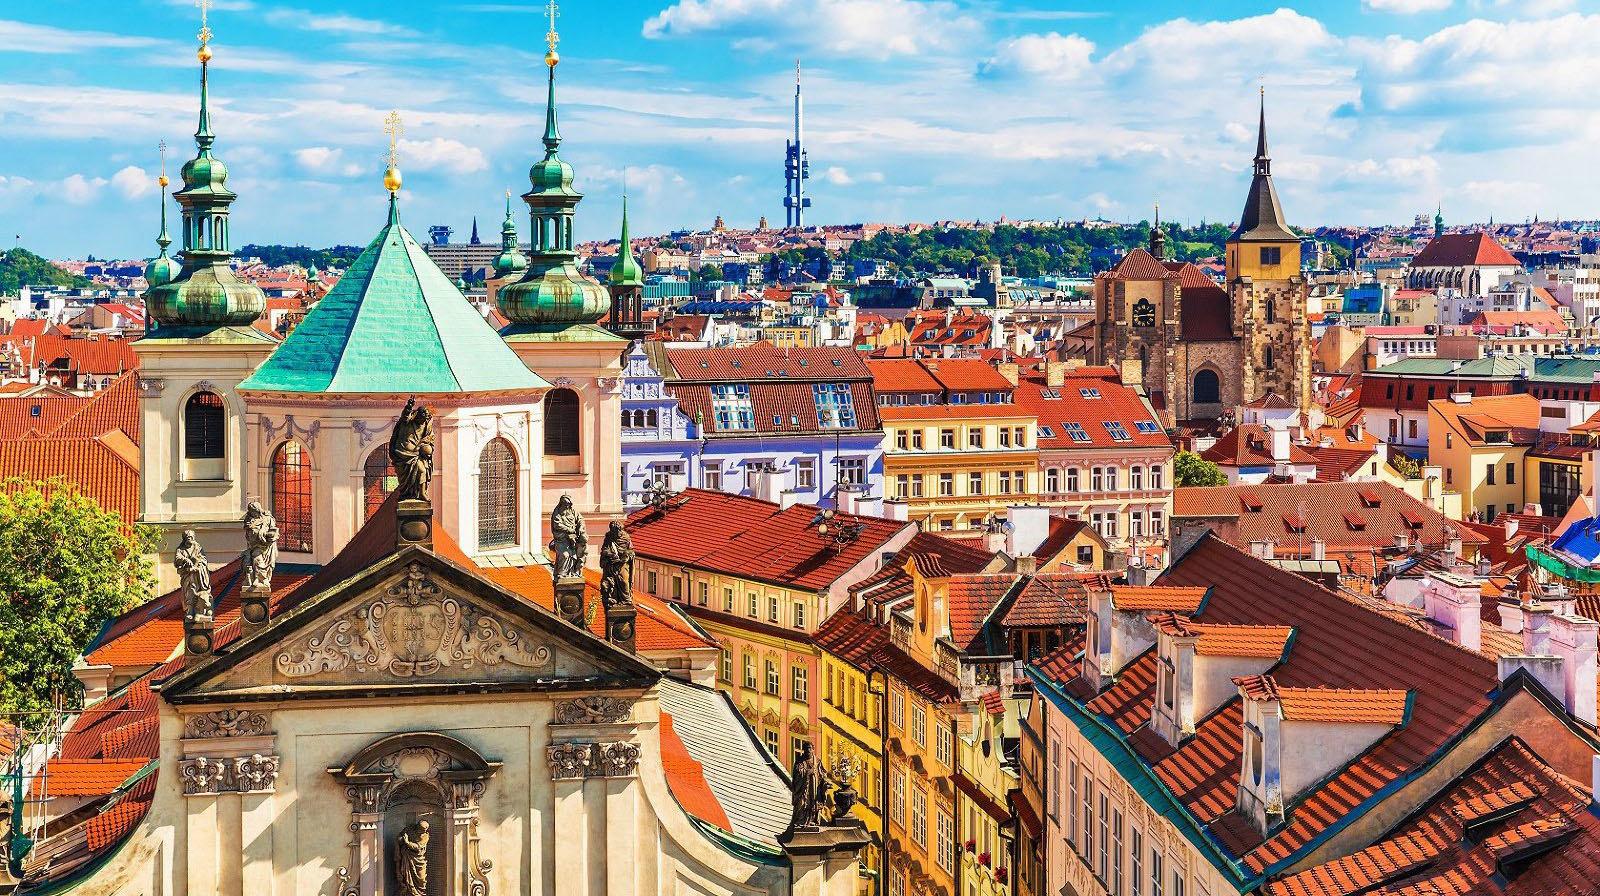 布拉格美丽的城堡区